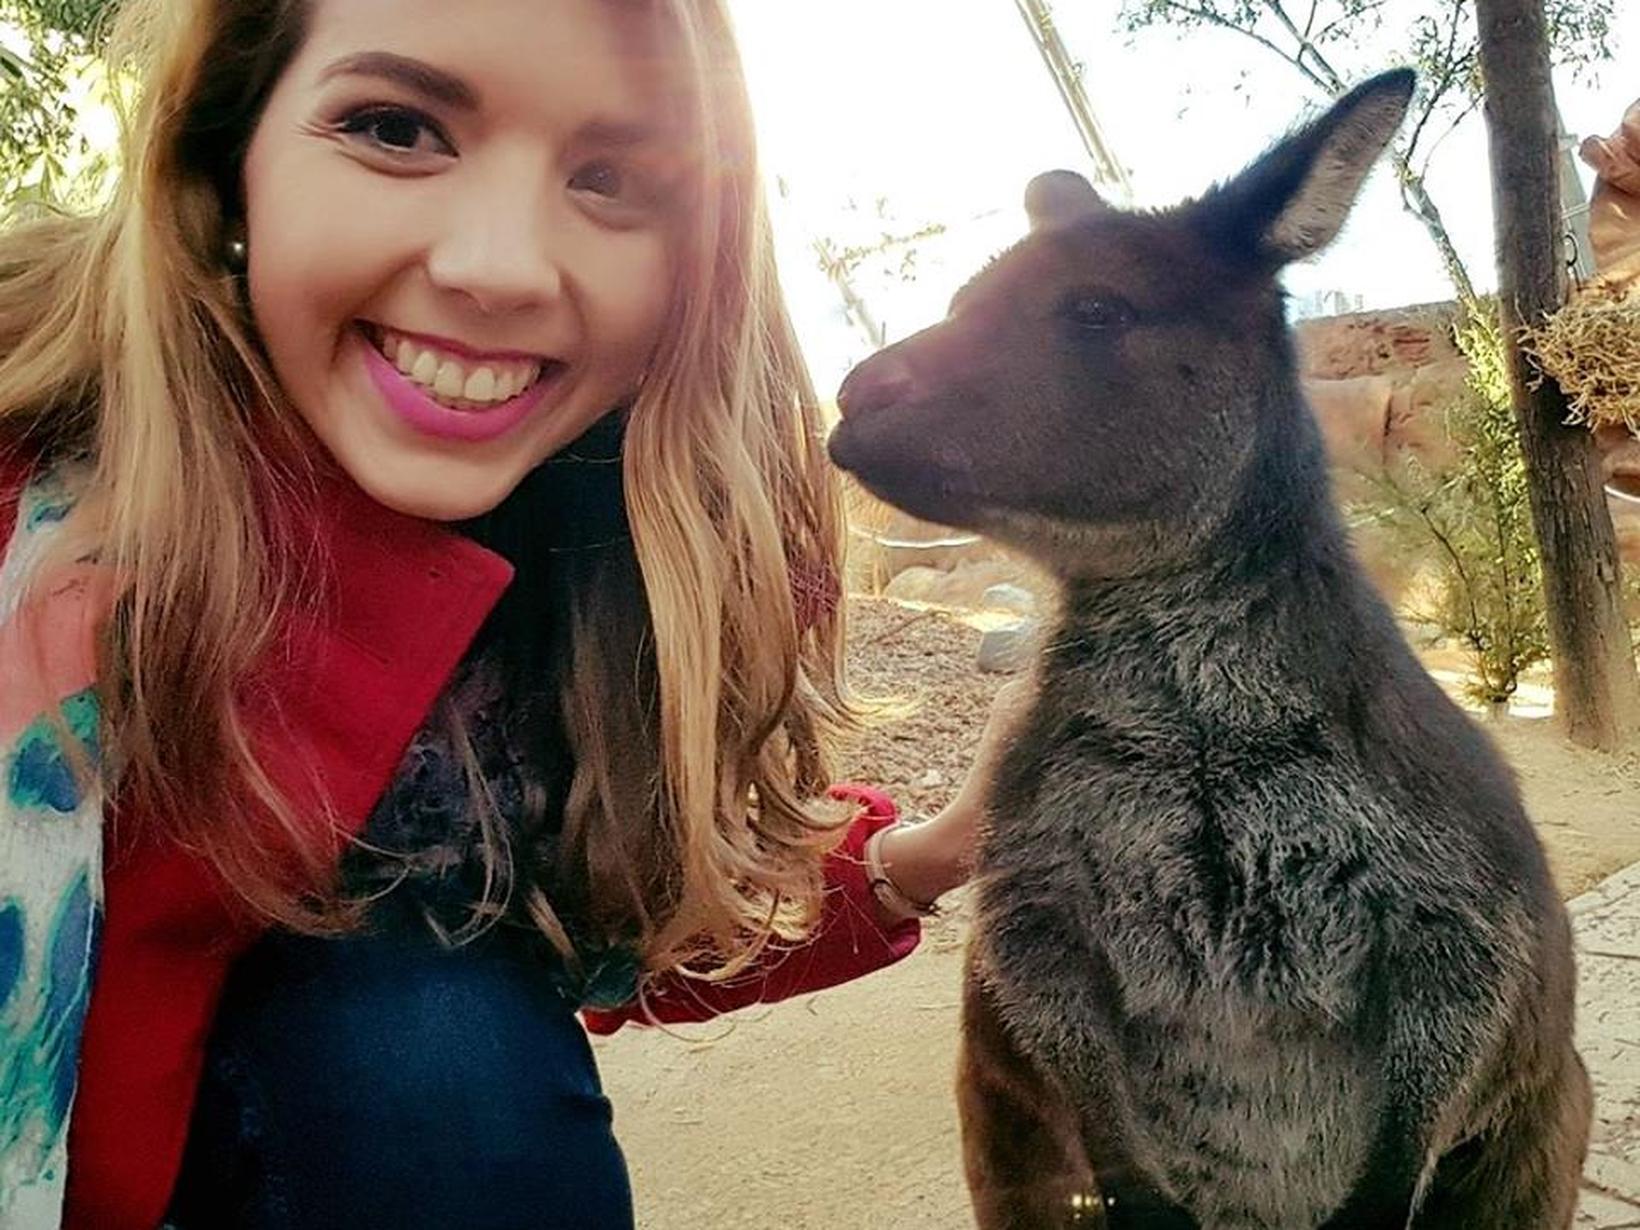 Ana elena from Sydney, New South Wales, Australia